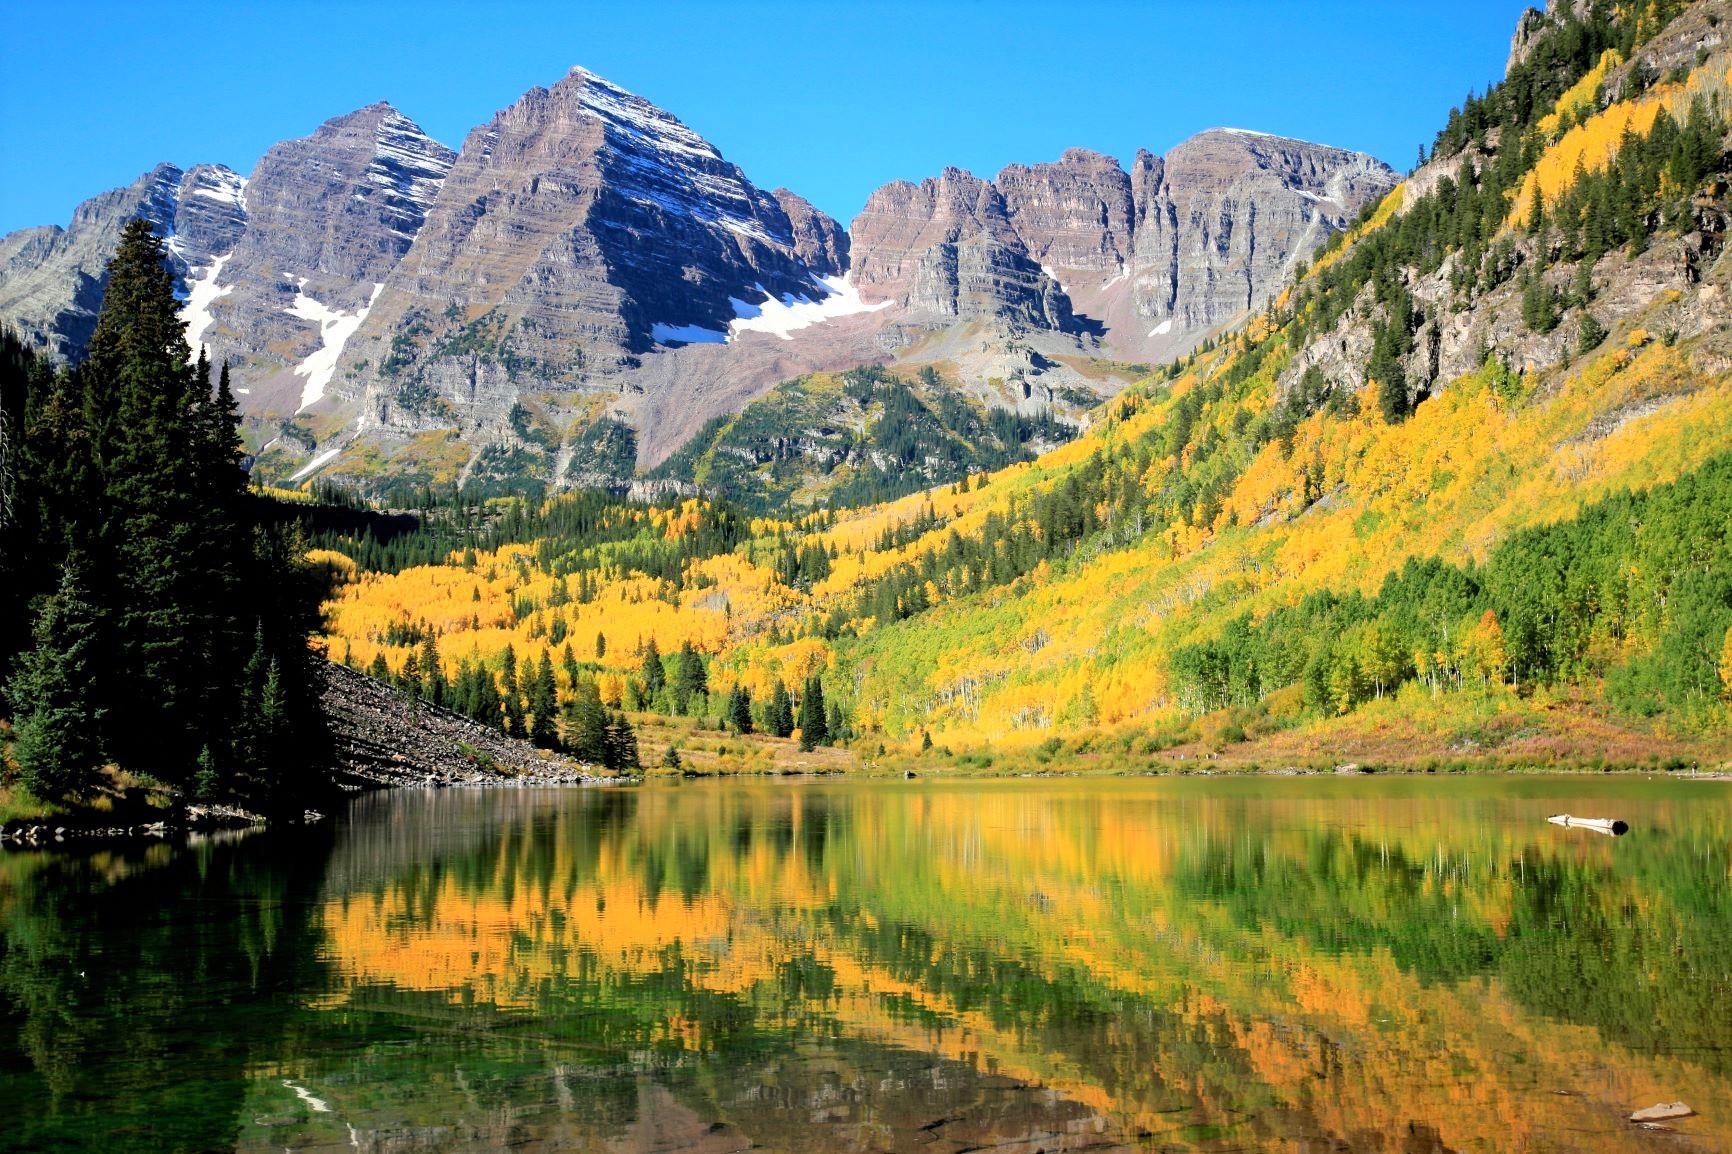 黄葉彩るアメリカン・ロッキー 秋のコロラド満喫ハイキング 8日間